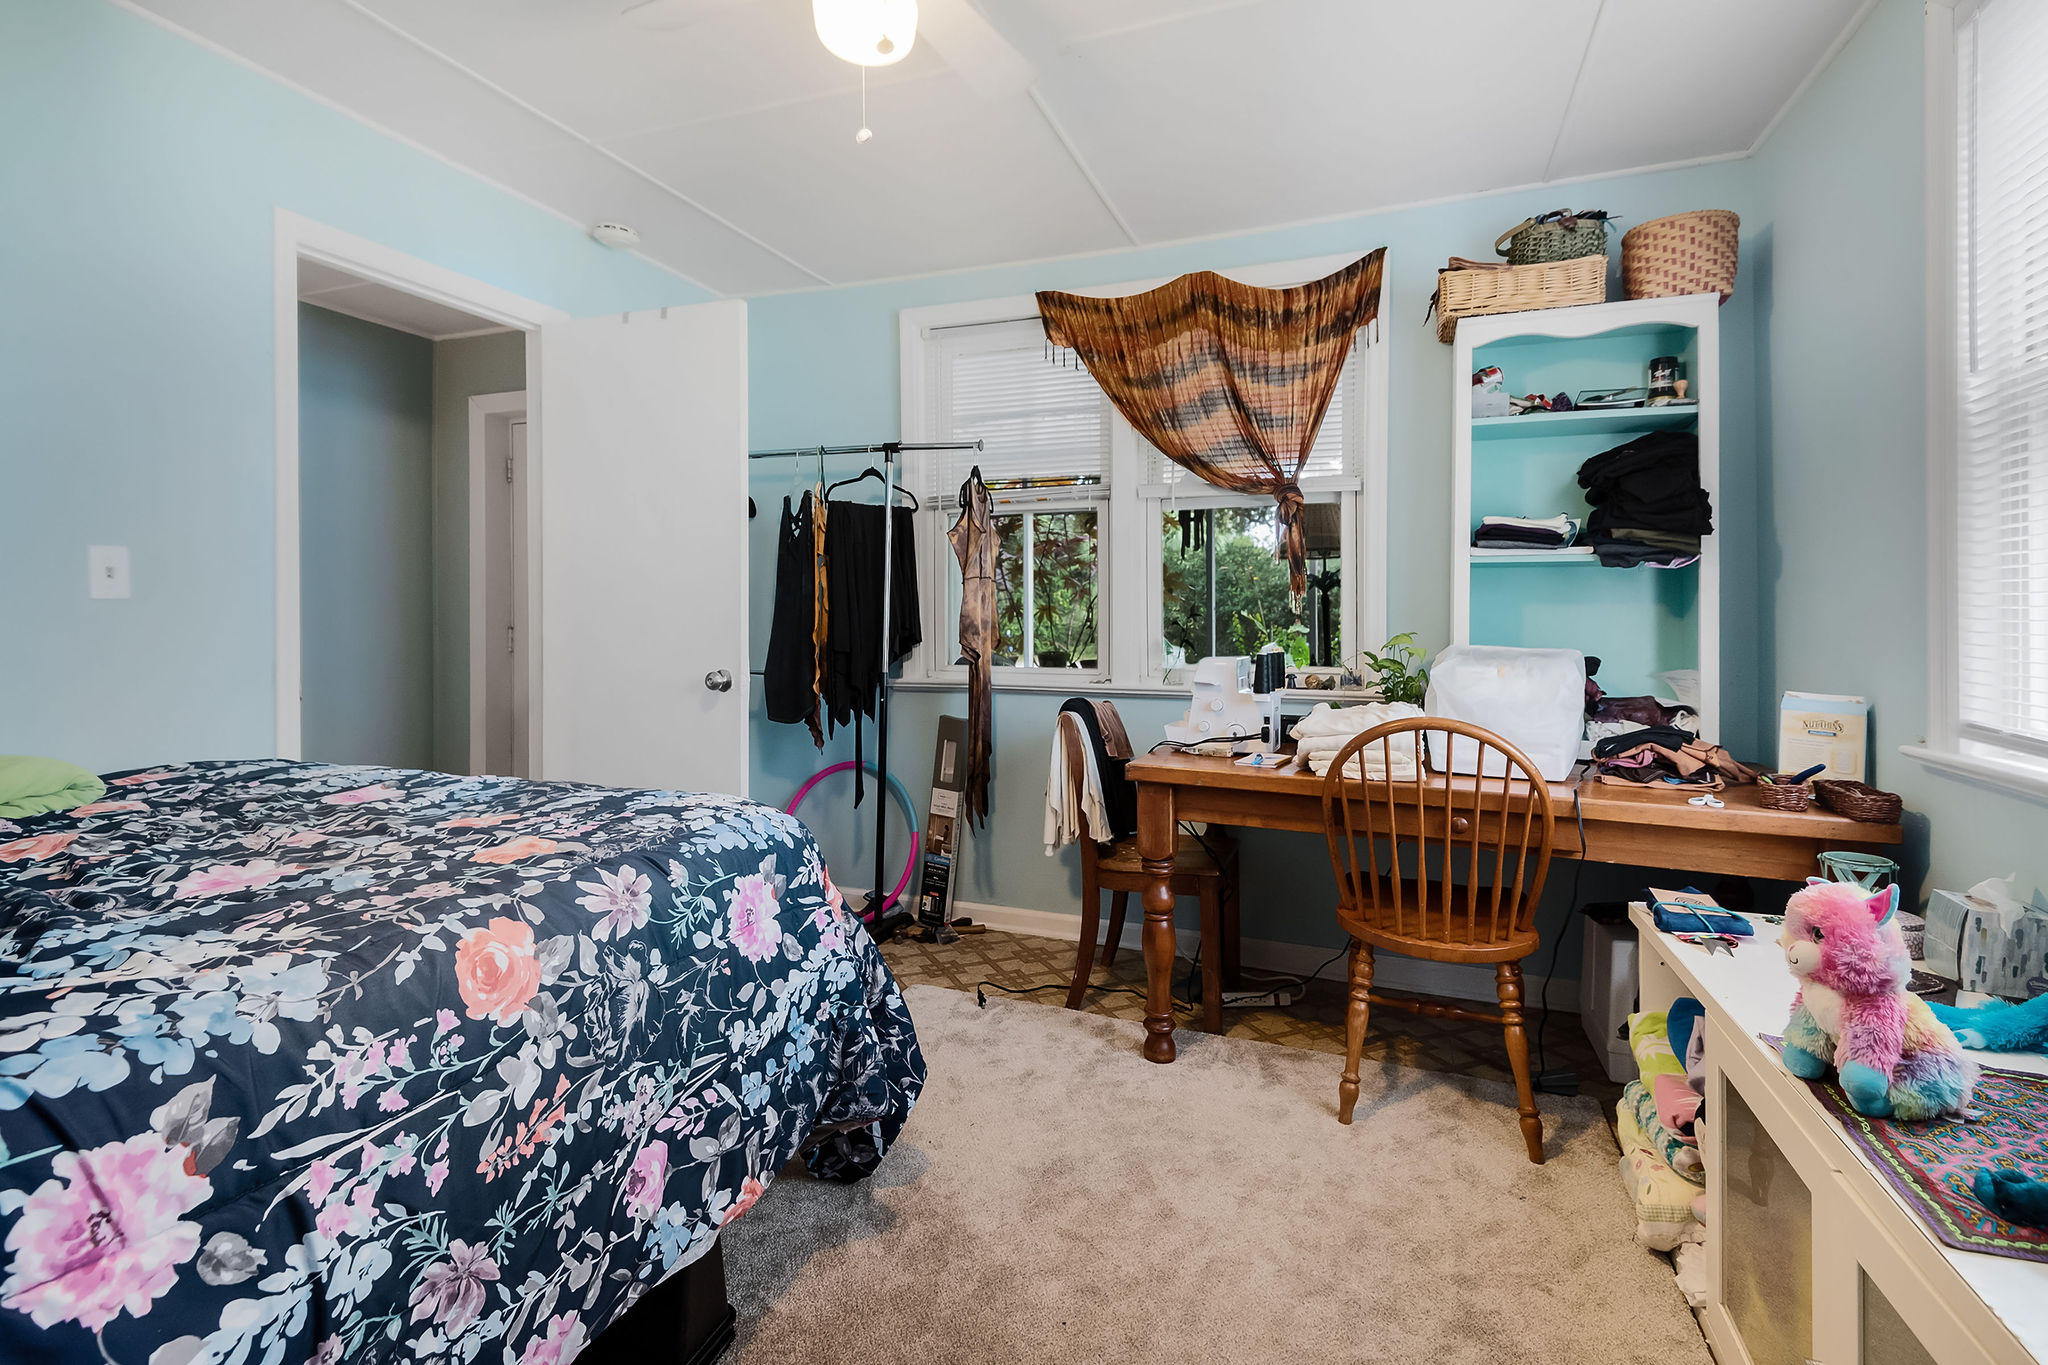 Folly Beach Homes For Sale - 504 Ashley, Folly Beach, SC - 24